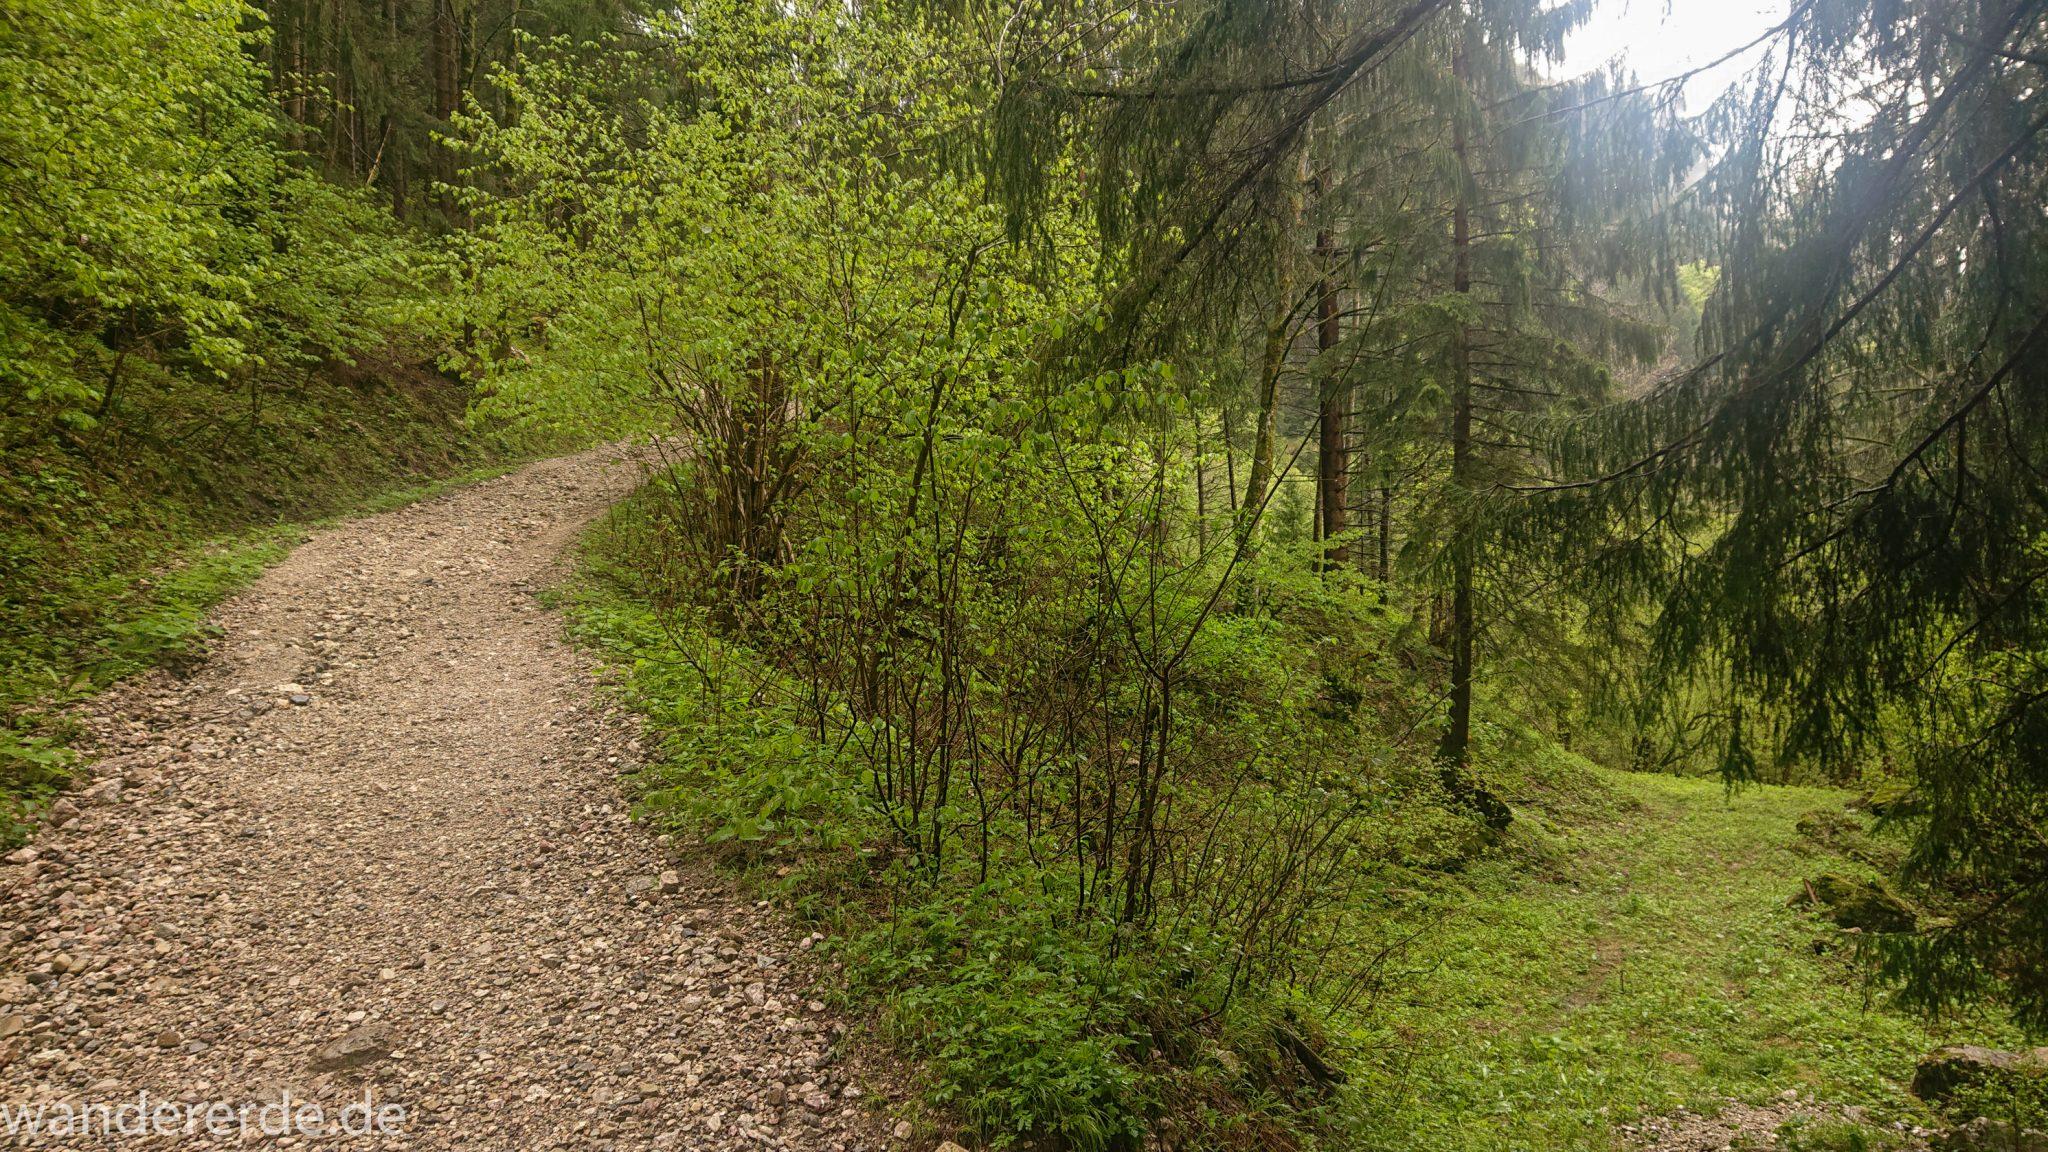 Wandern beim Tegelberg, Tegelbergkopf Wanderung bei Stadt Füssen – Parkplatz Drehhütte bis Rohrkopfhütte, Wanderweg durch schönen Wald, wolkig, tolle Atmosphäre, saftig grüne Wiese